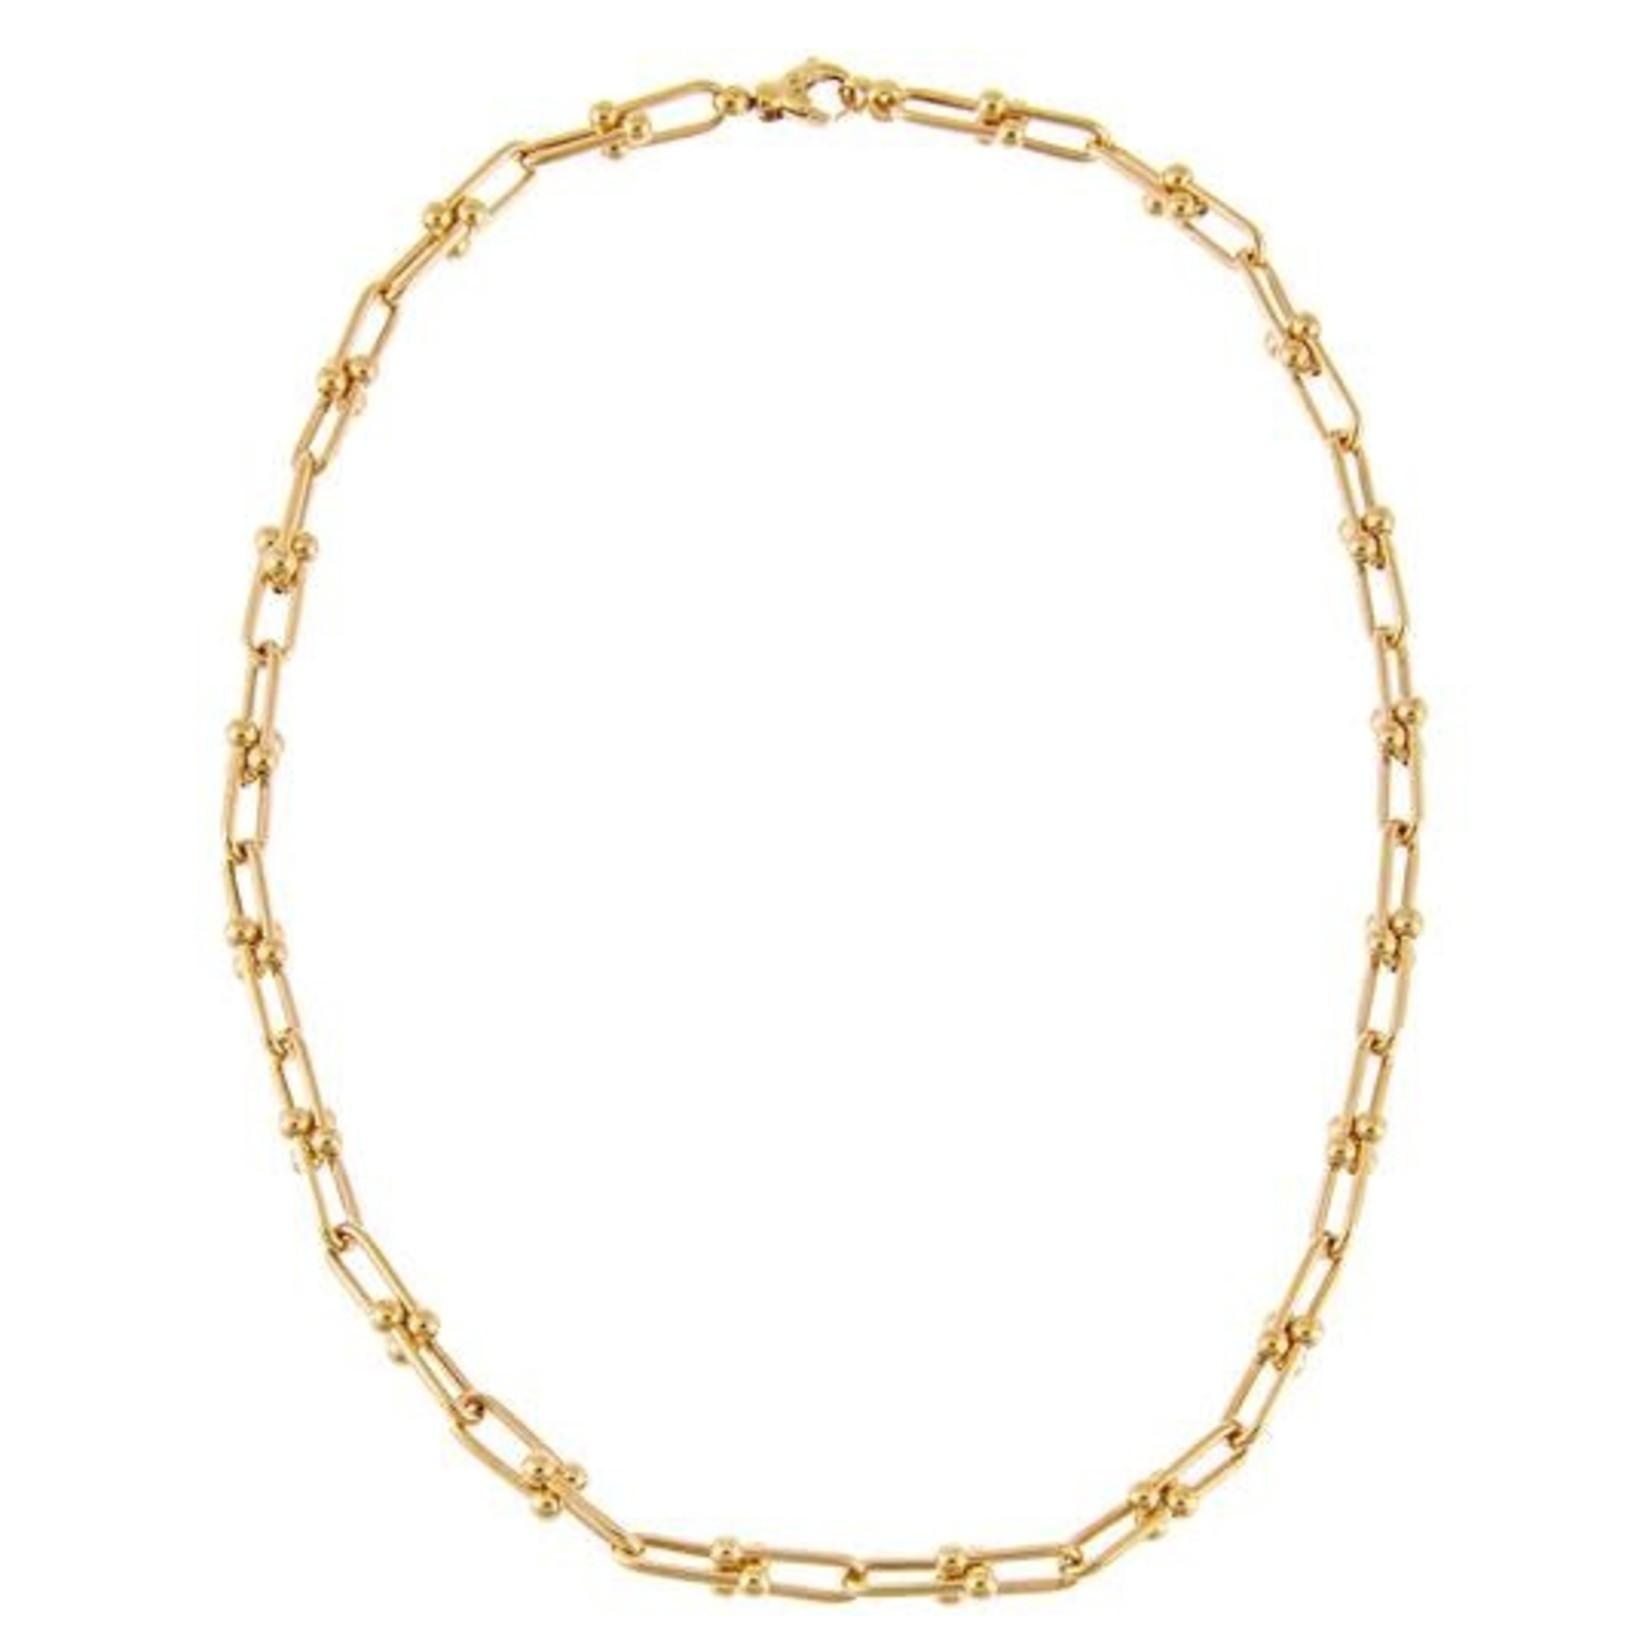 Adinas U Chain Necklace 14K